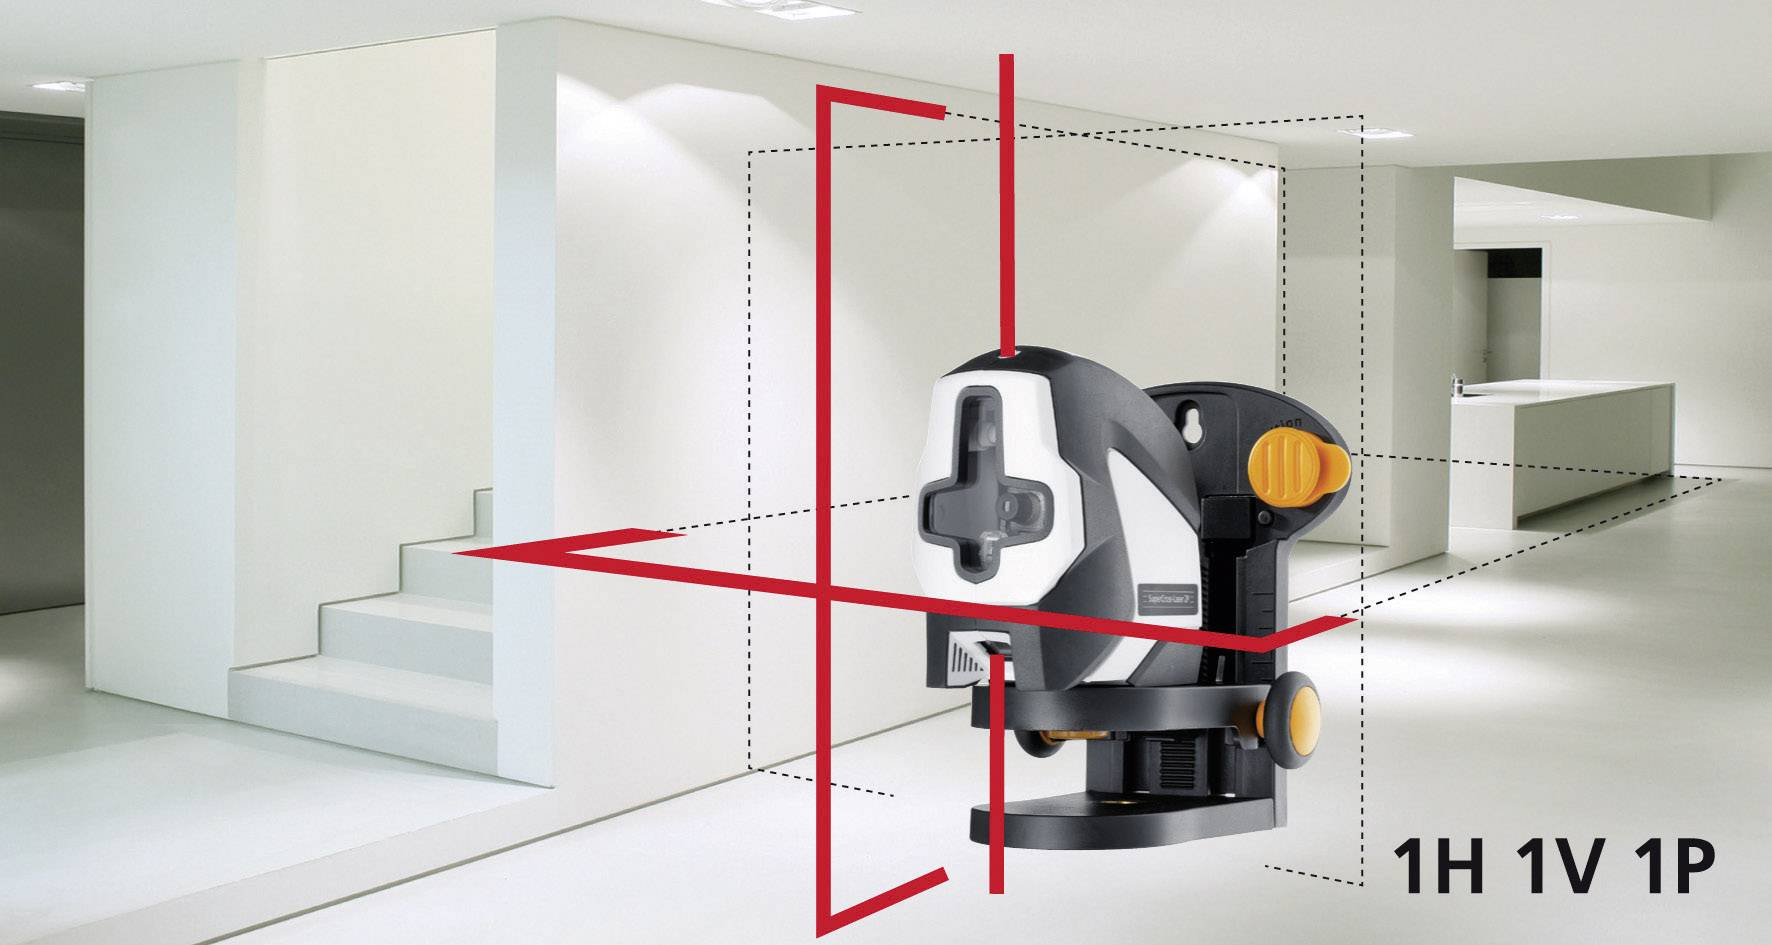 Krížový laser Supercross-Laser2P Laserliner 081.125A